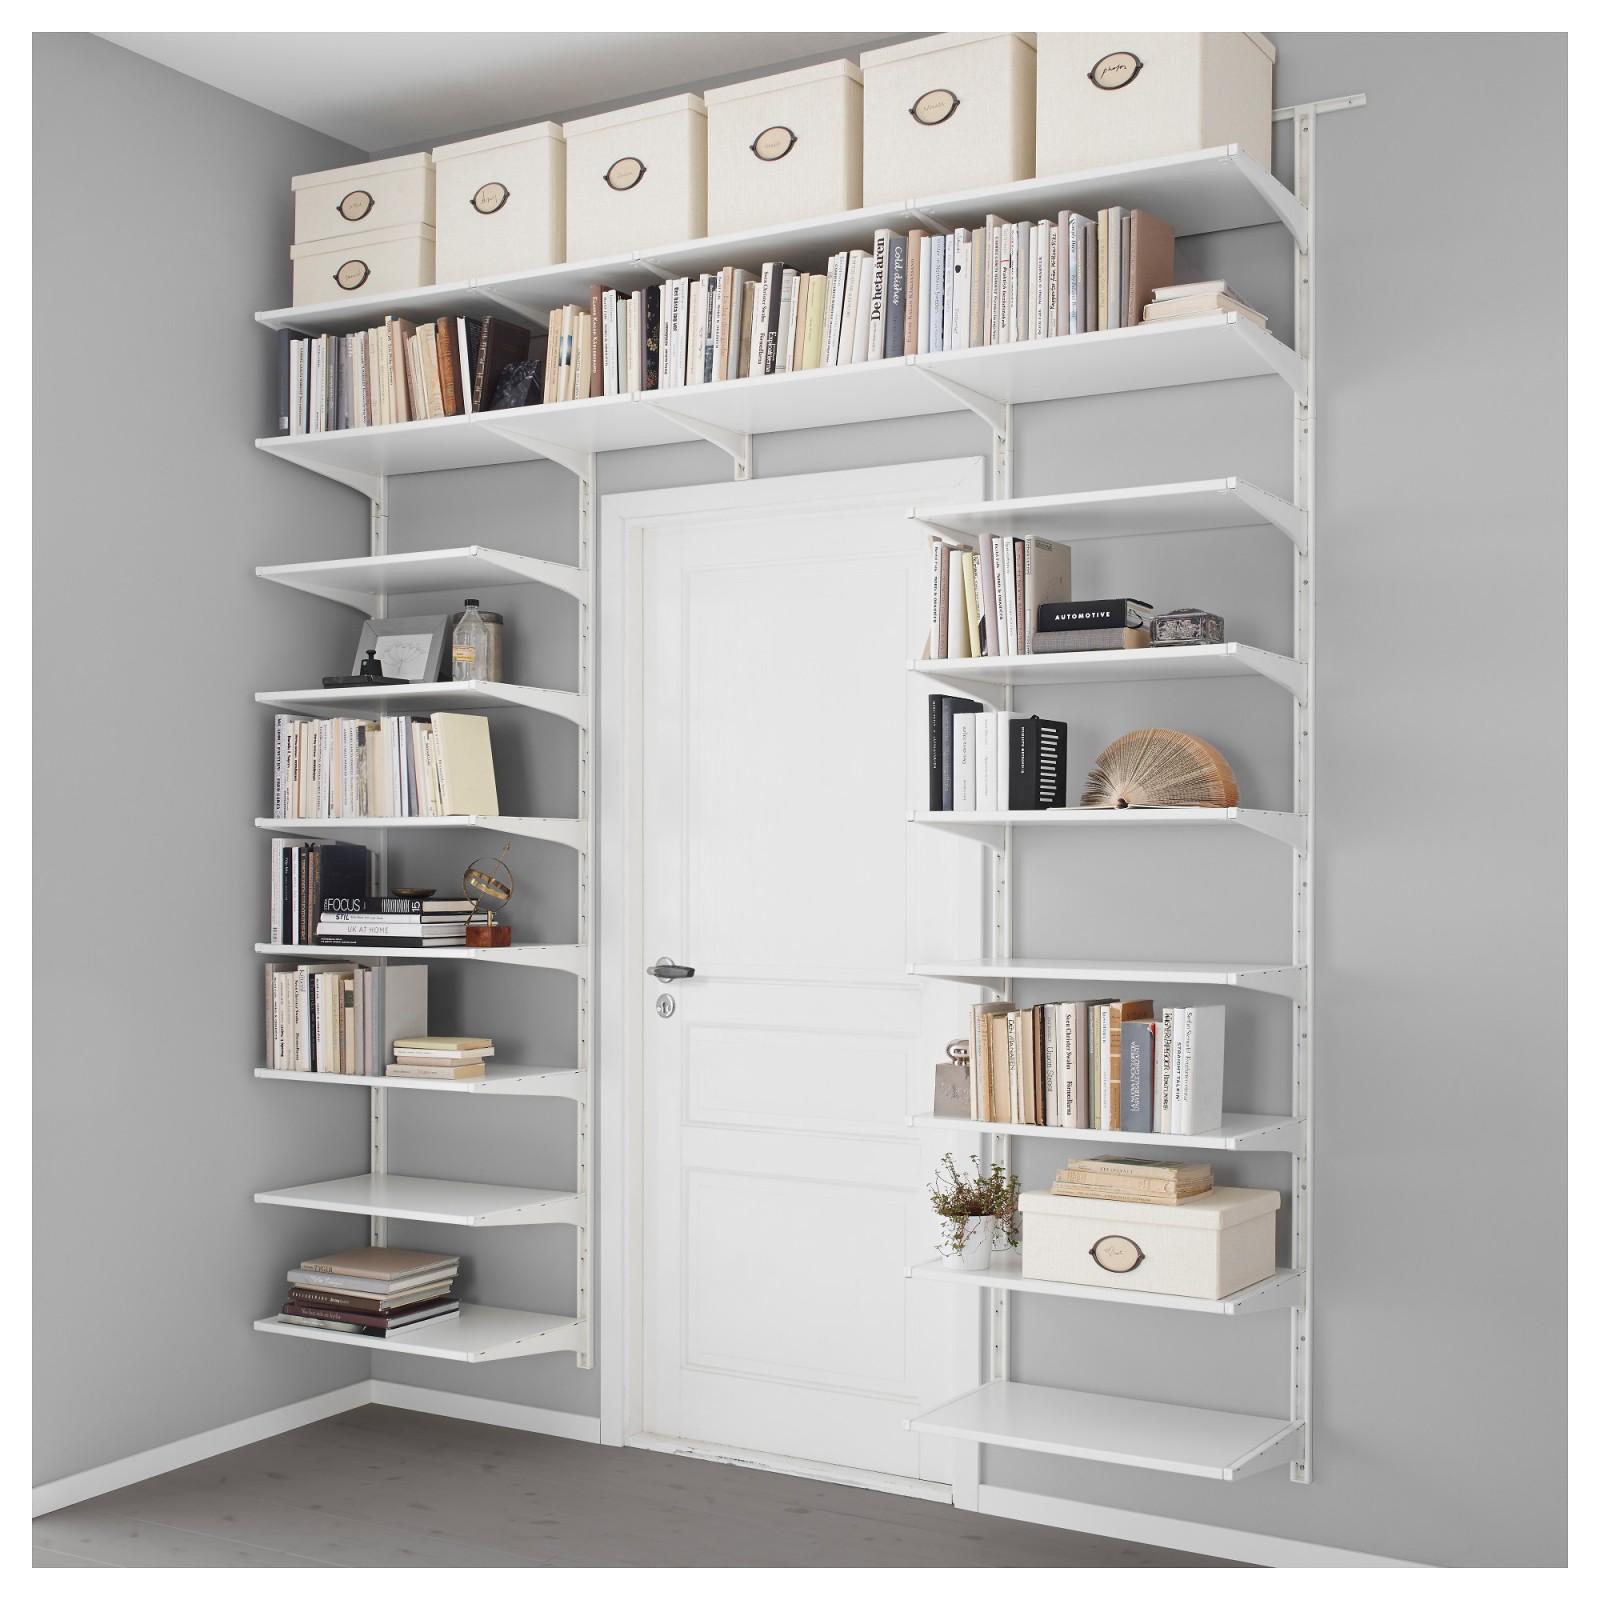 Эргономичное использование пространства для хранения вещей